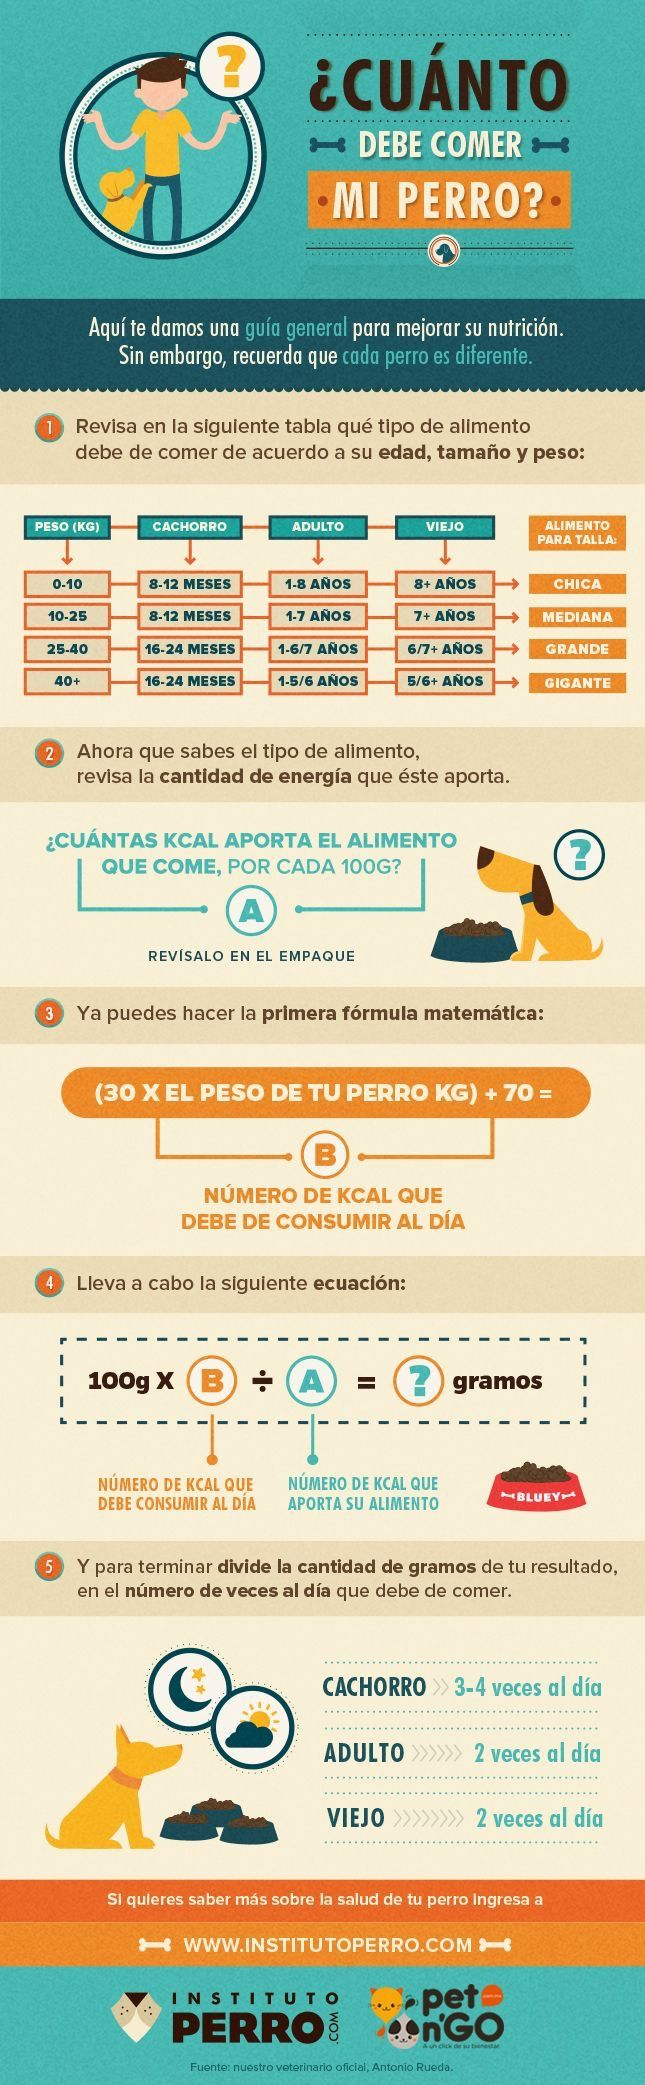 Cuanto debe comer tu perro Toda la información y productos especializados para el la raza perro maltés